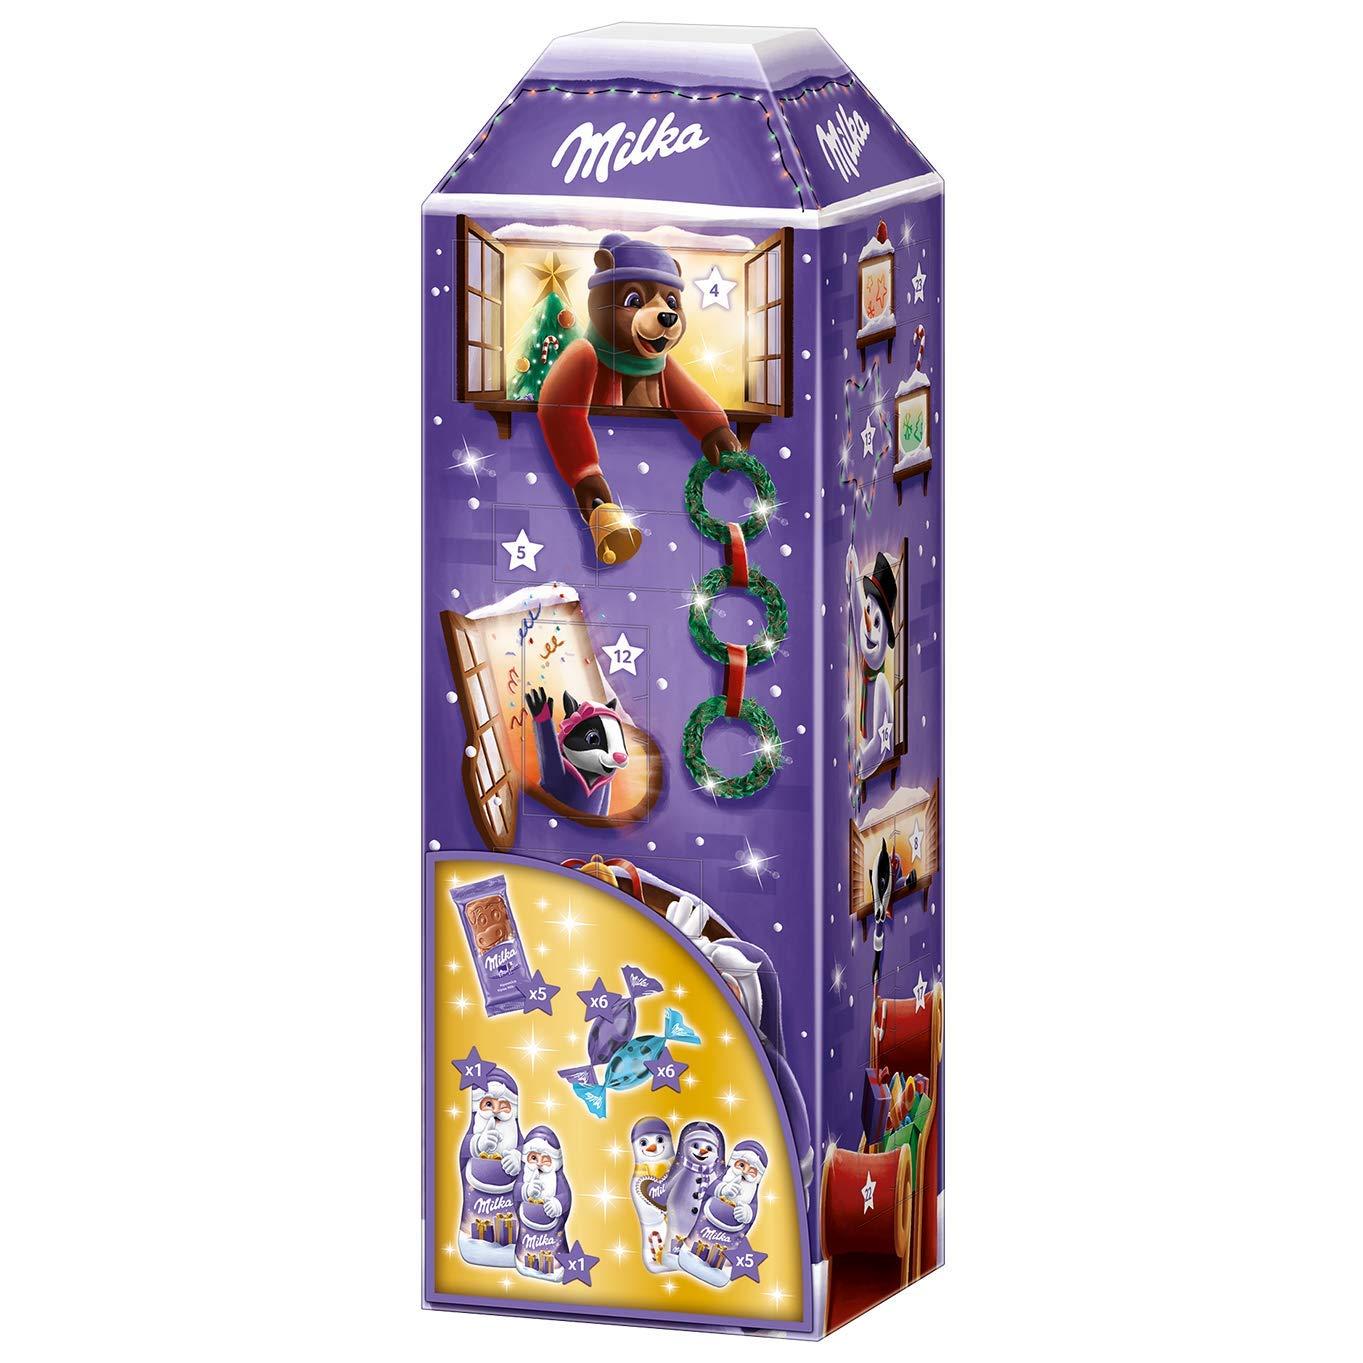 甜甜蜜蜜迎圣诞!Milka牛奶巧克力3D房屋形圣诞倒数日历